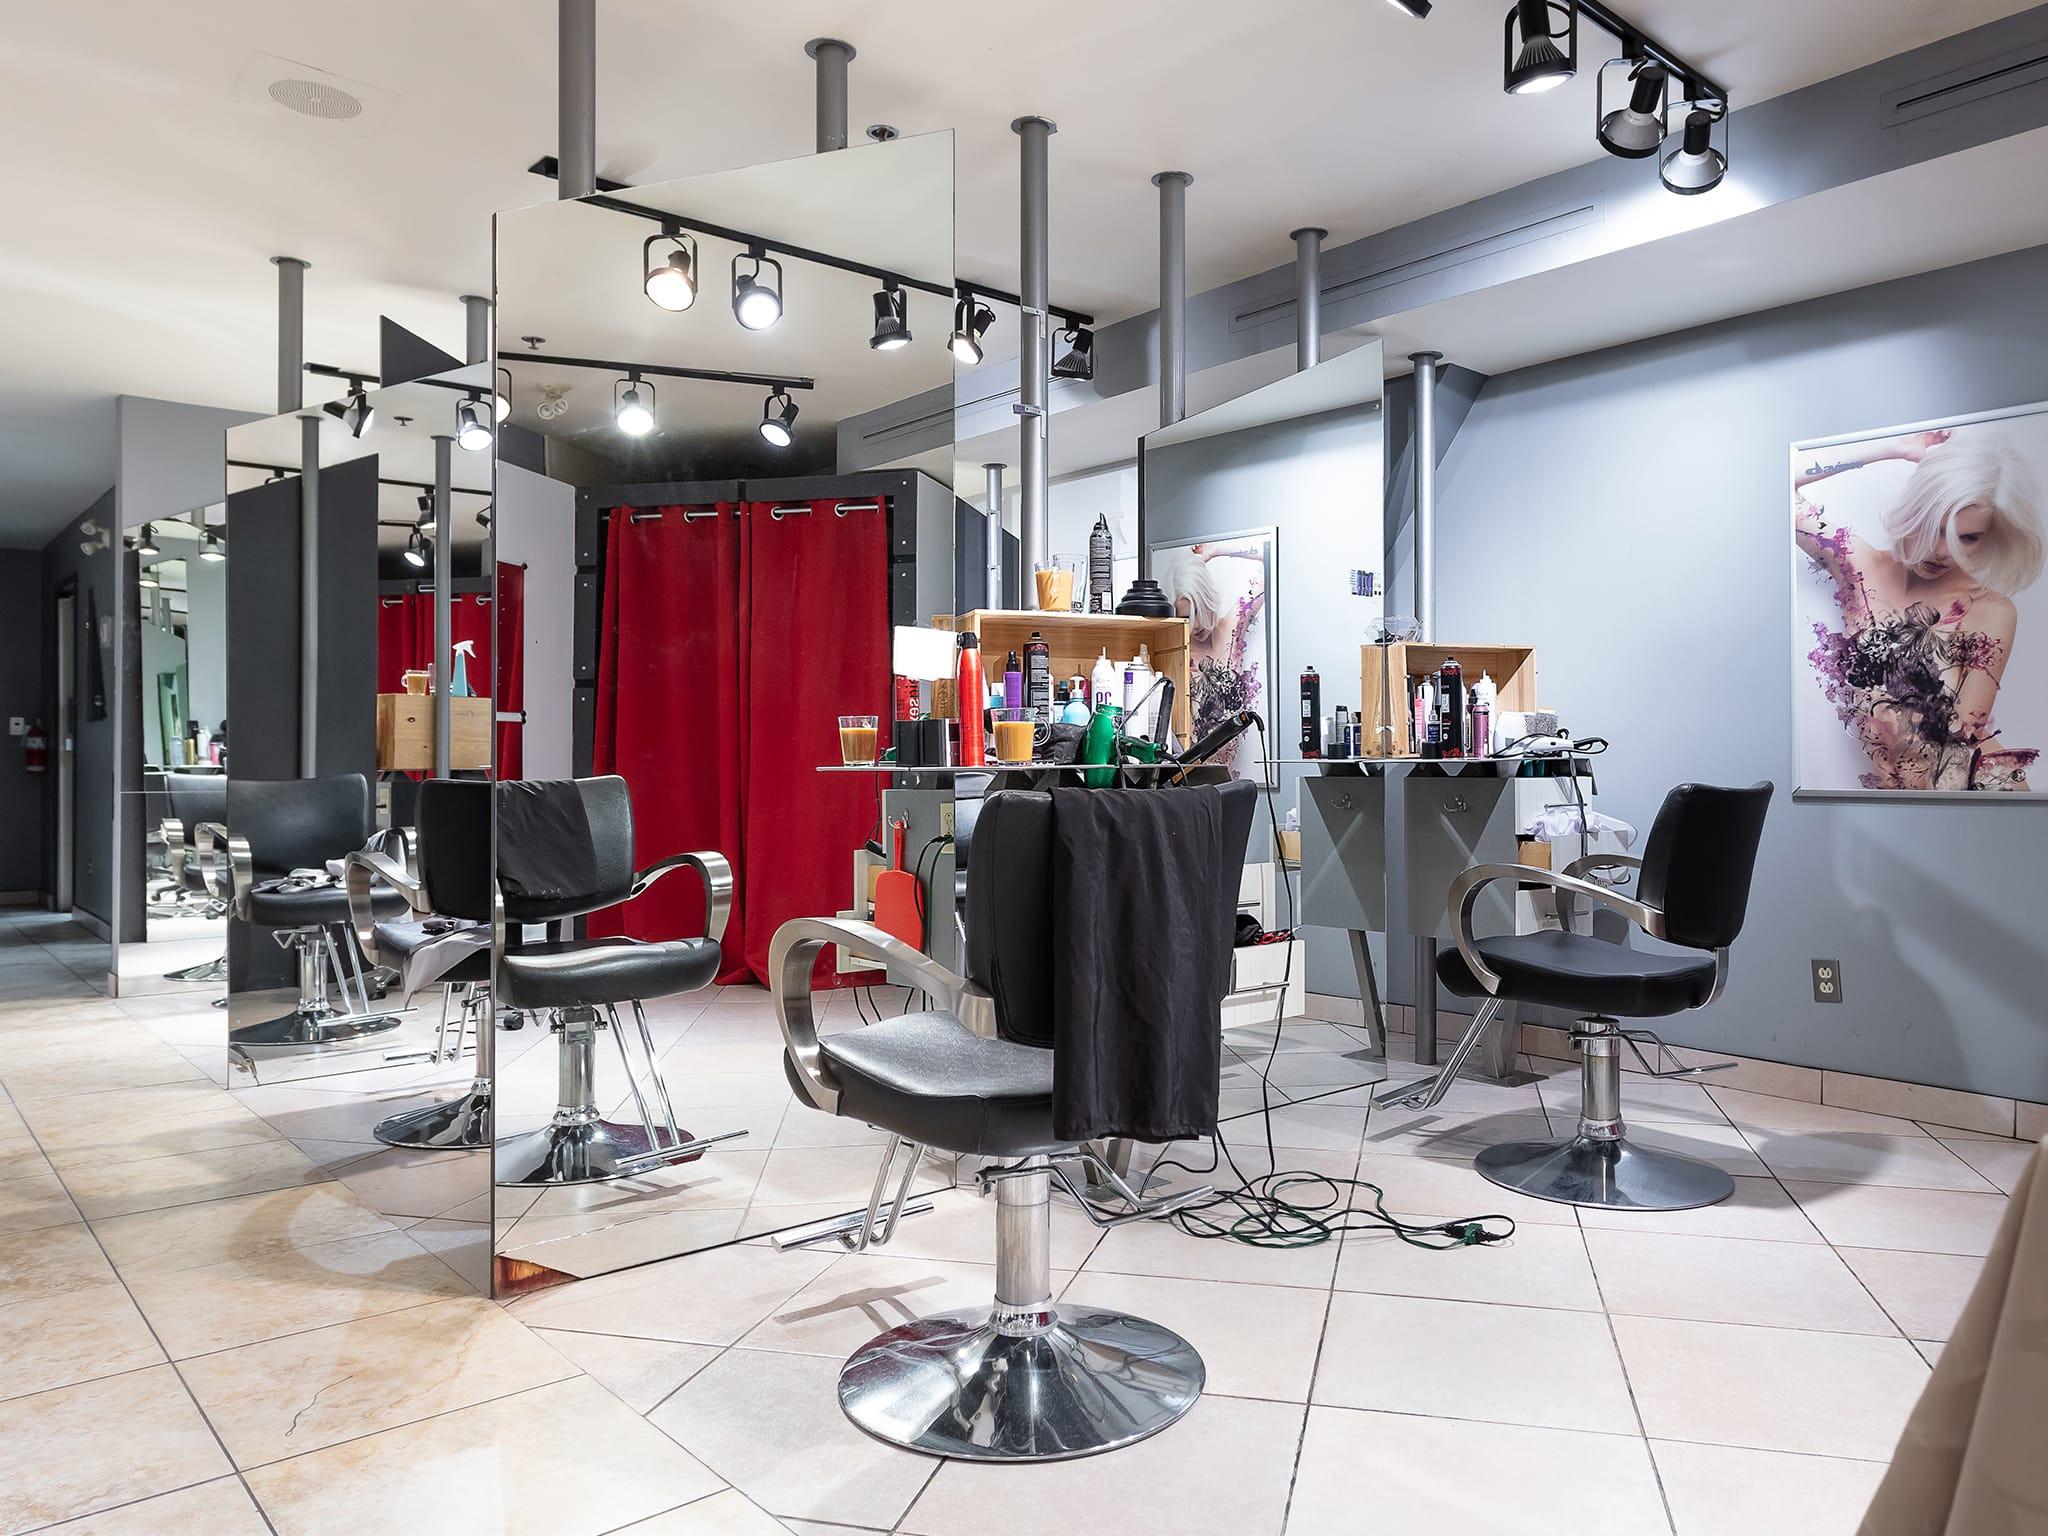 Maison de Beauté St-Laurent — Boutiques — Place Longueuil